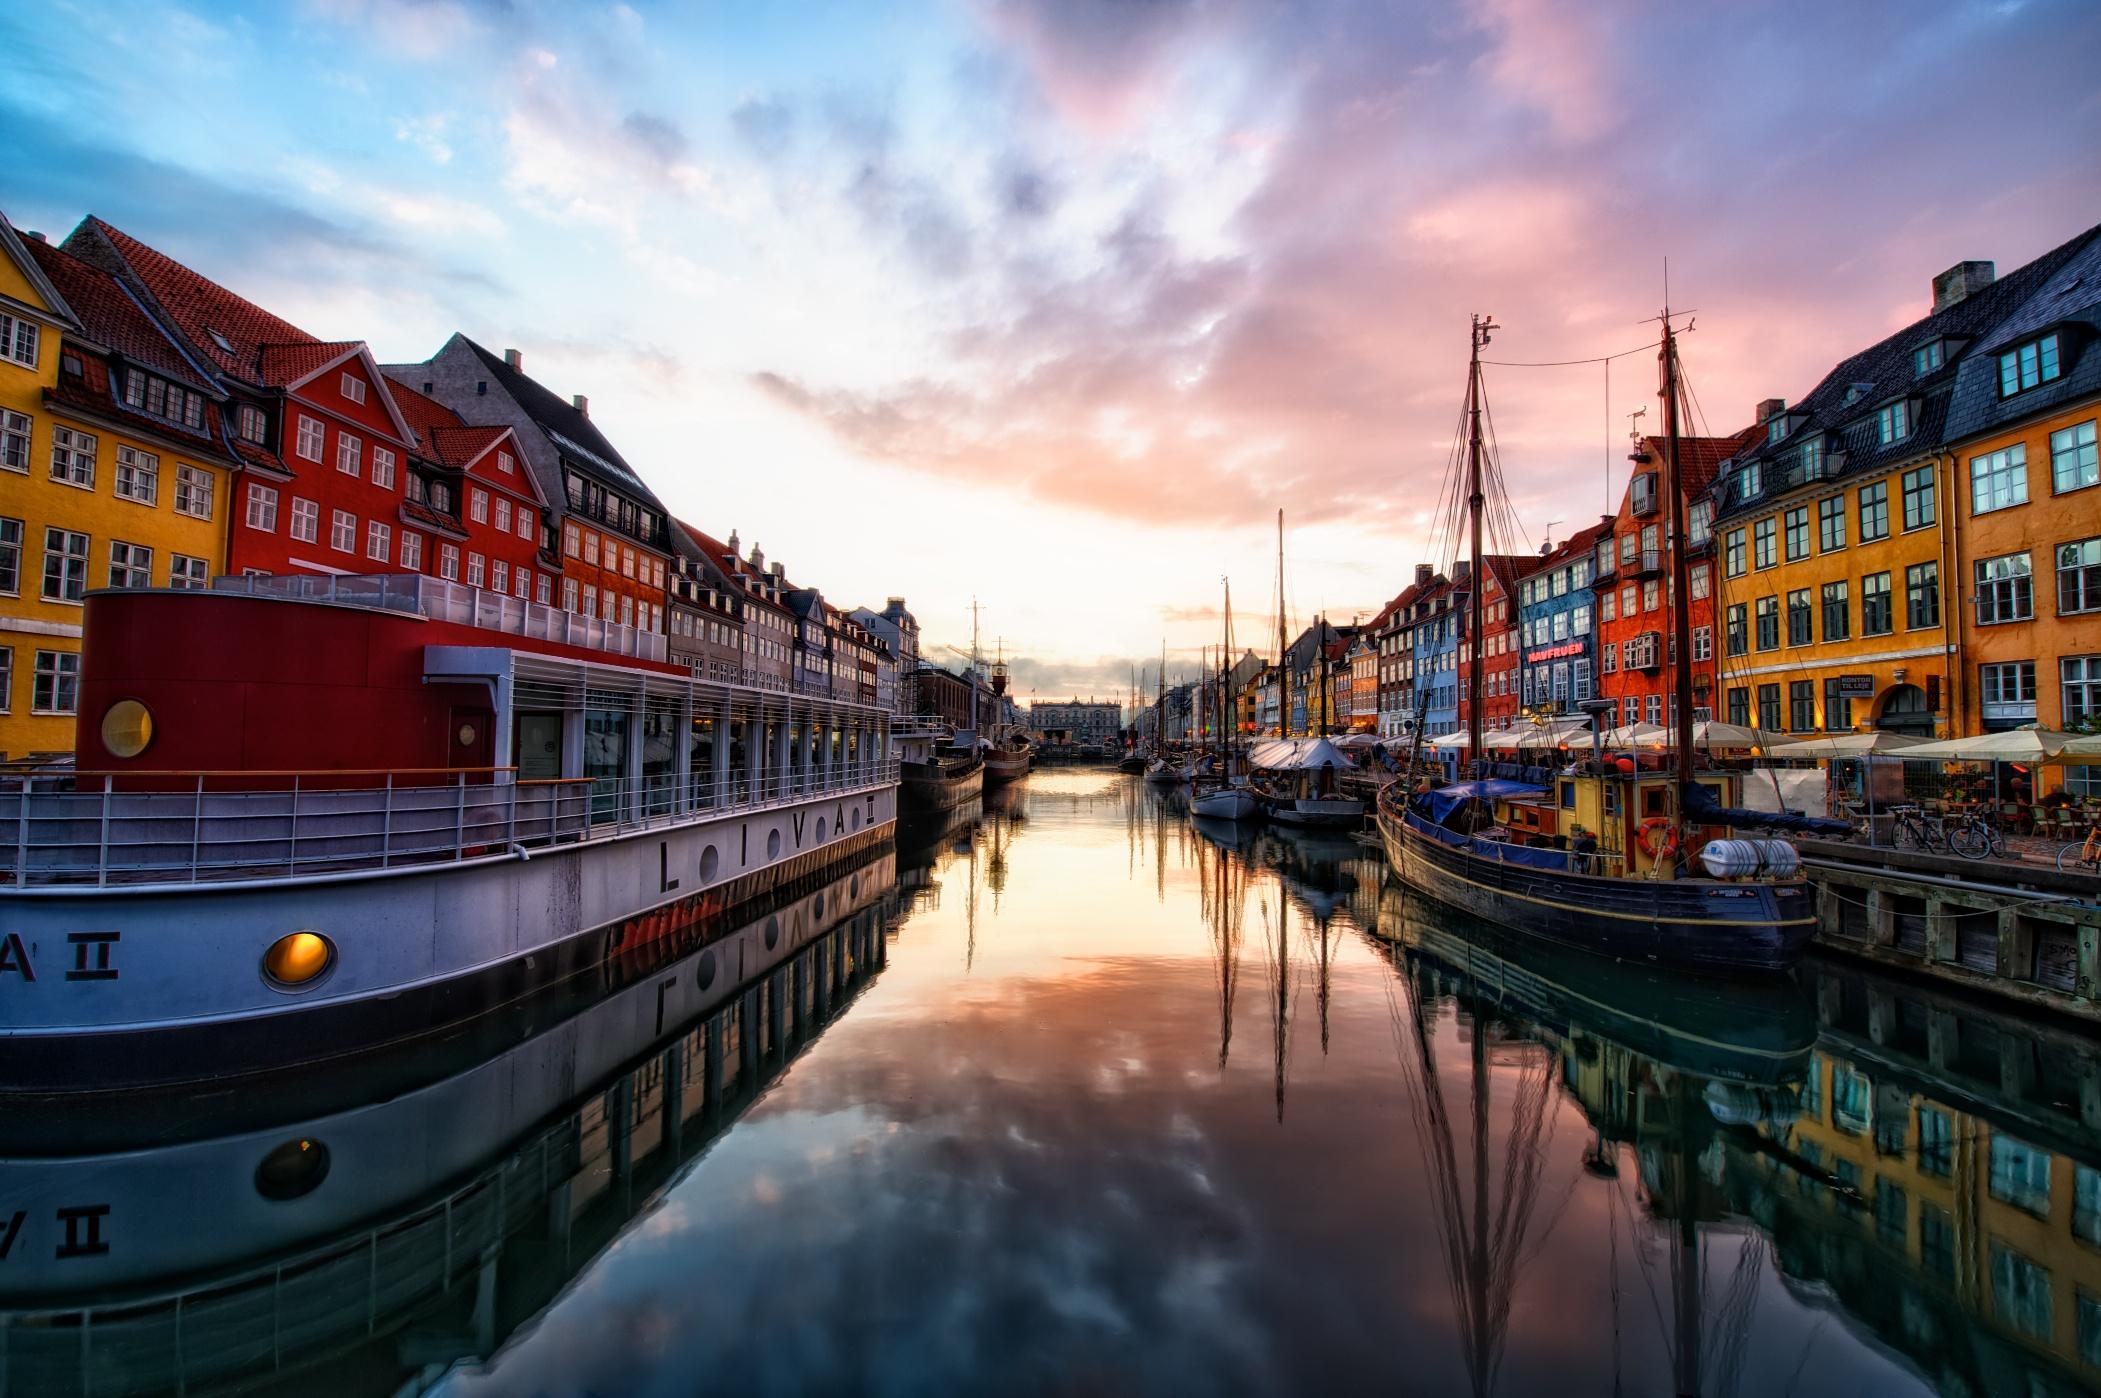 Download Nyhavn Copenhagen Denmark Desktop and mobile wallpaper 2101x1398